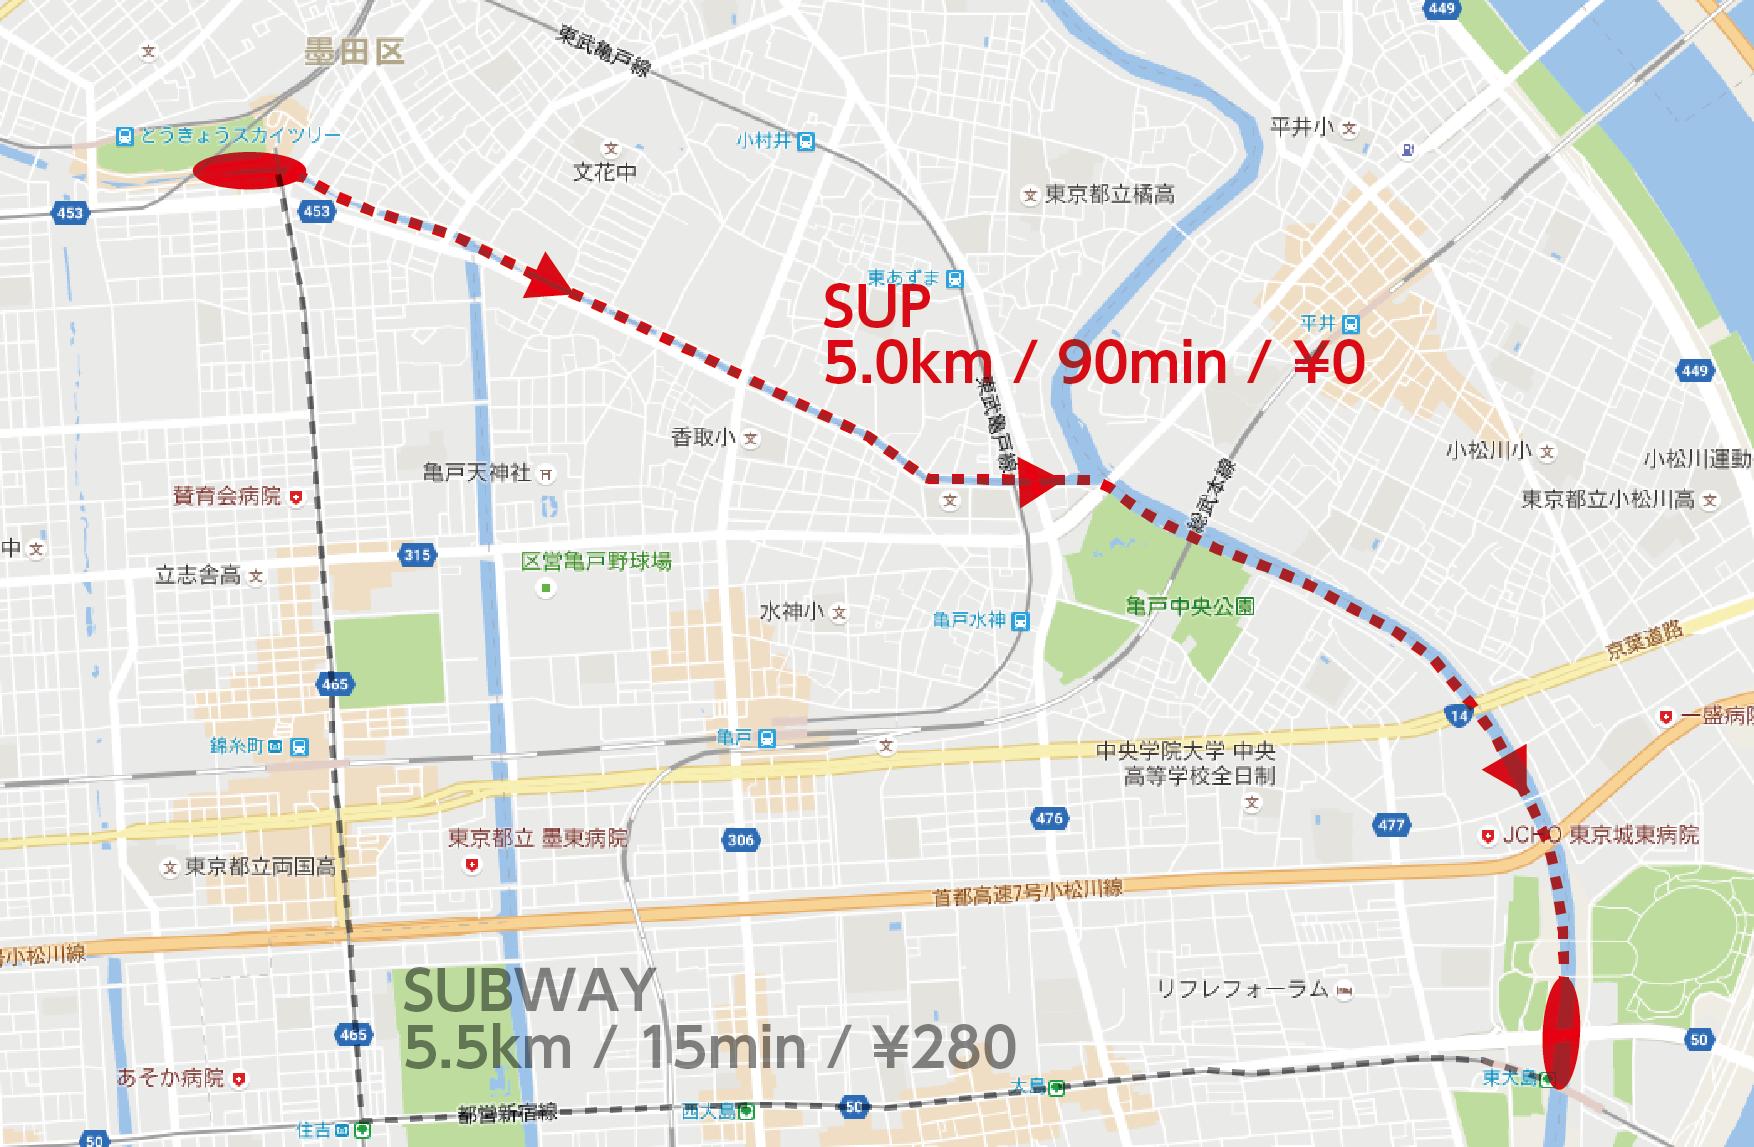 赤い線が実験で通ったルート、グレーの線が地下鉄を使った場合のルート。